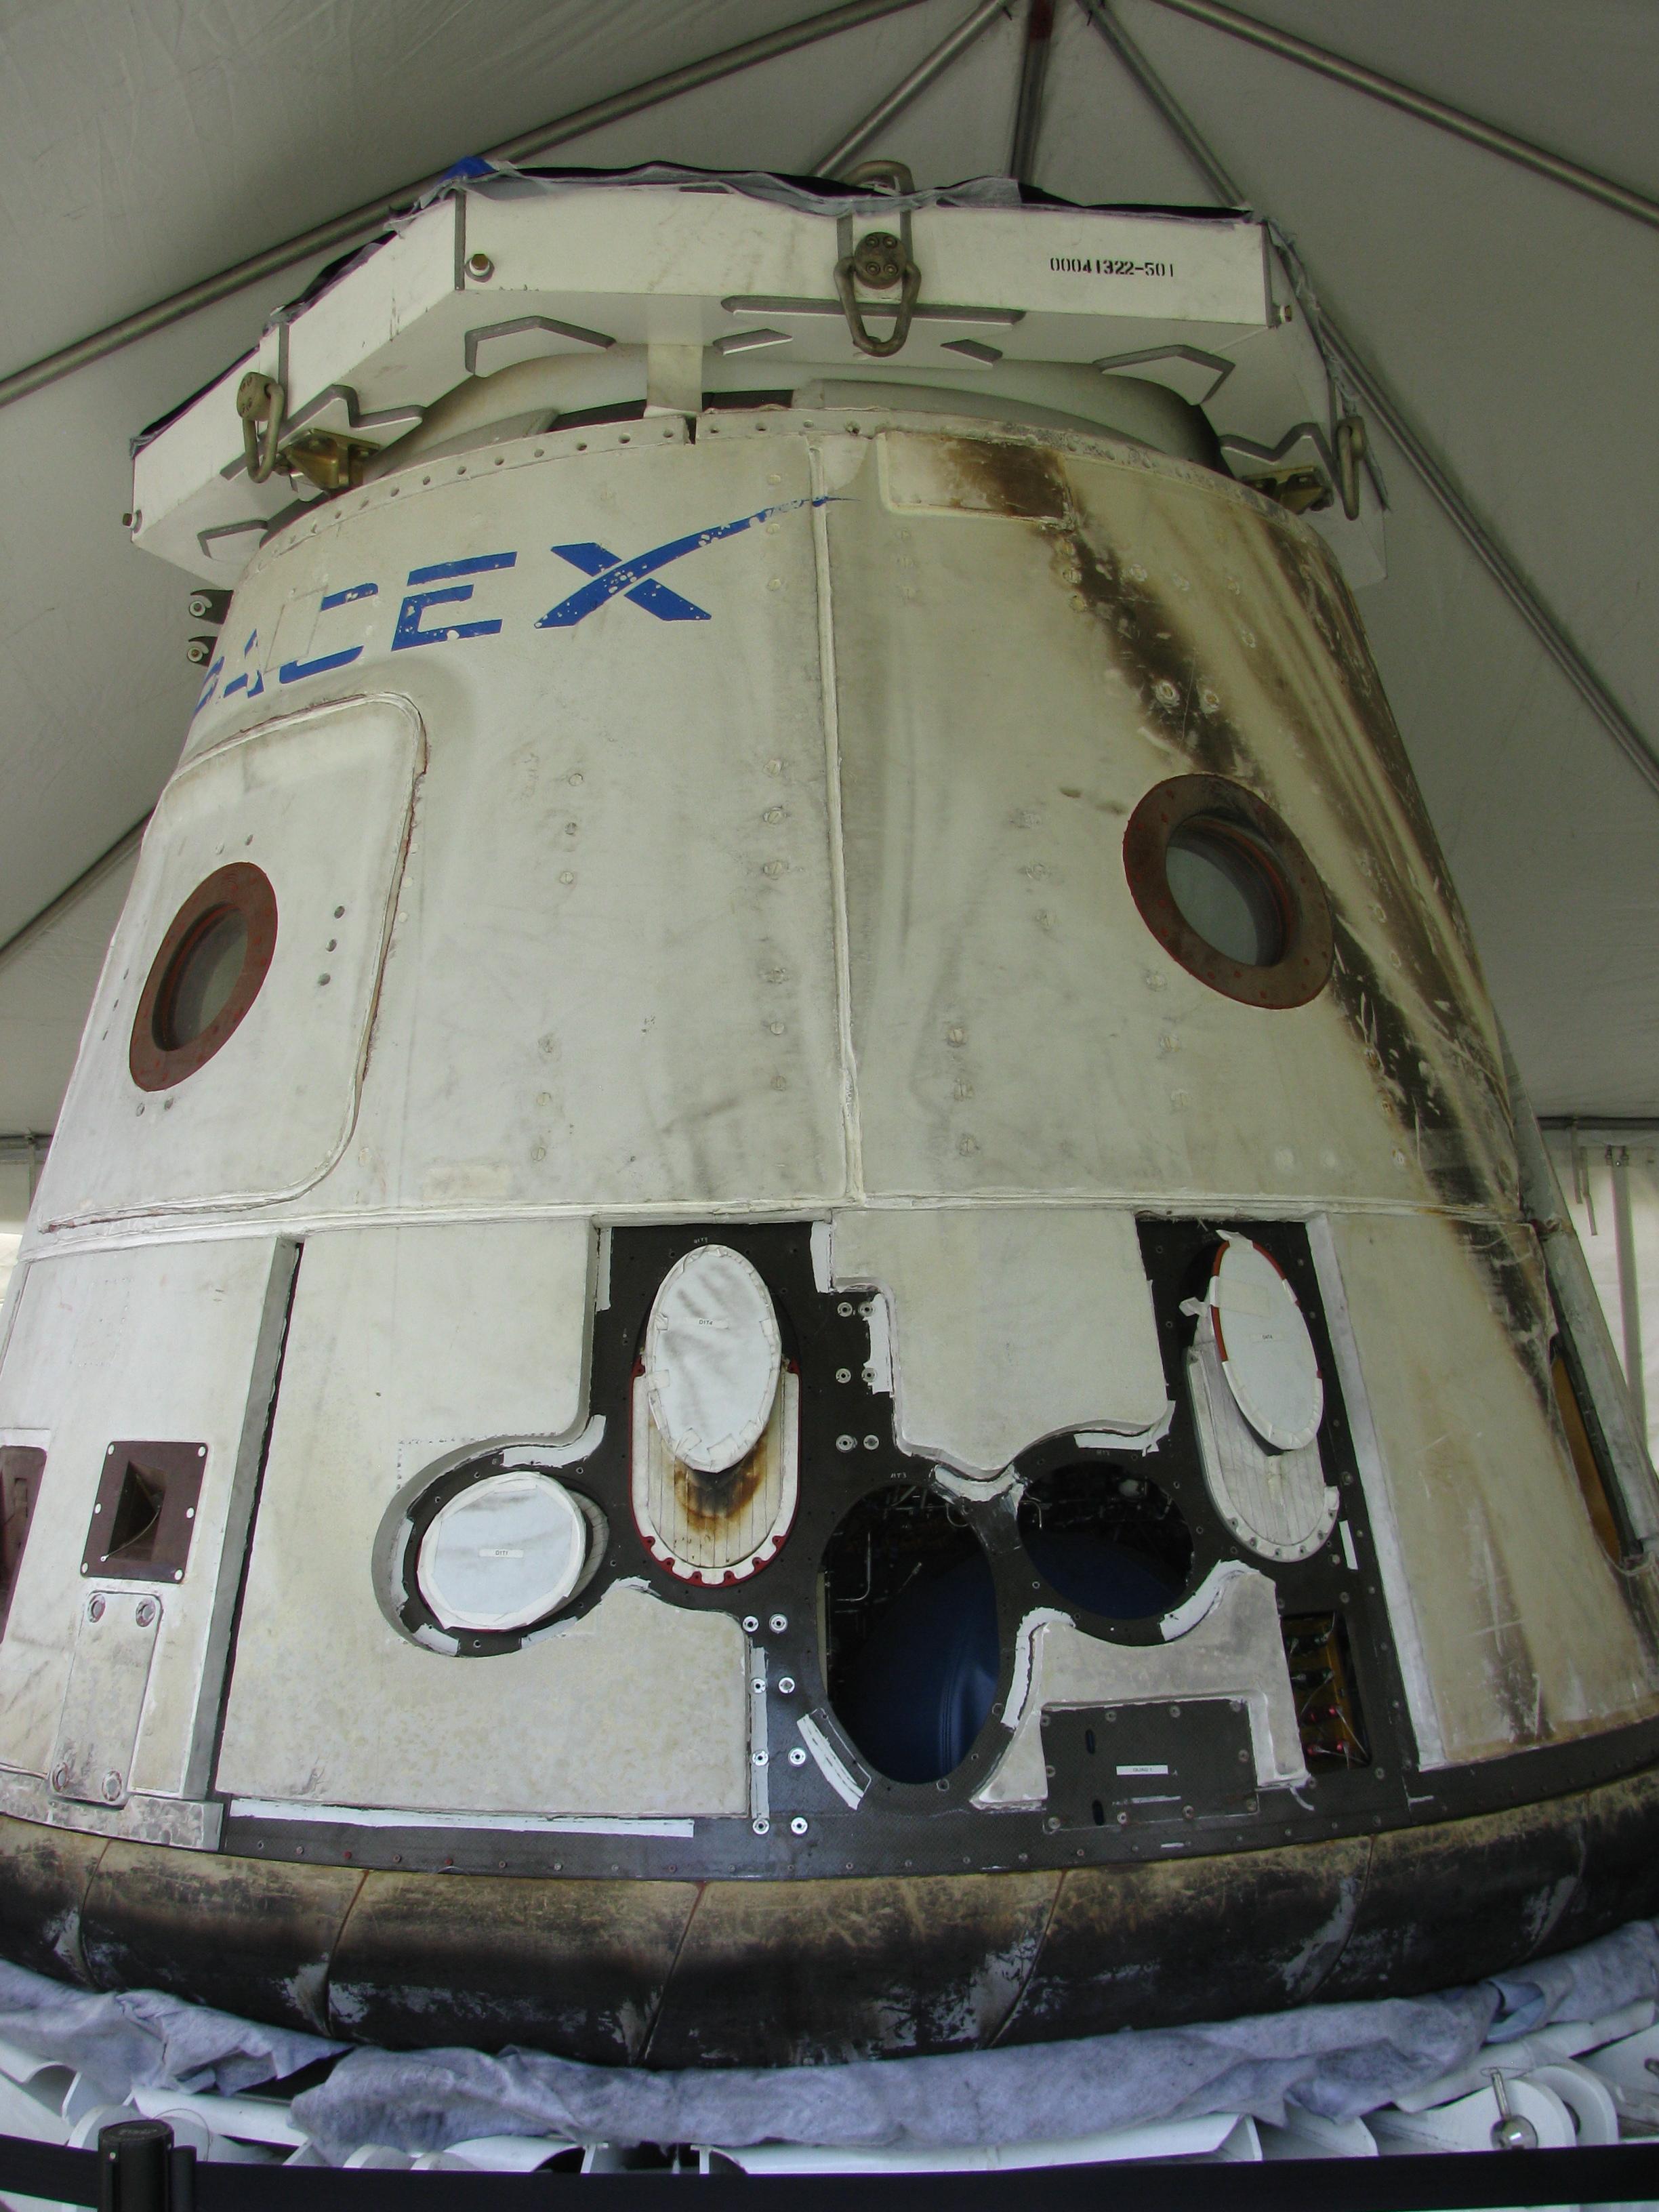 2013-06-05-SpaceX.JPG